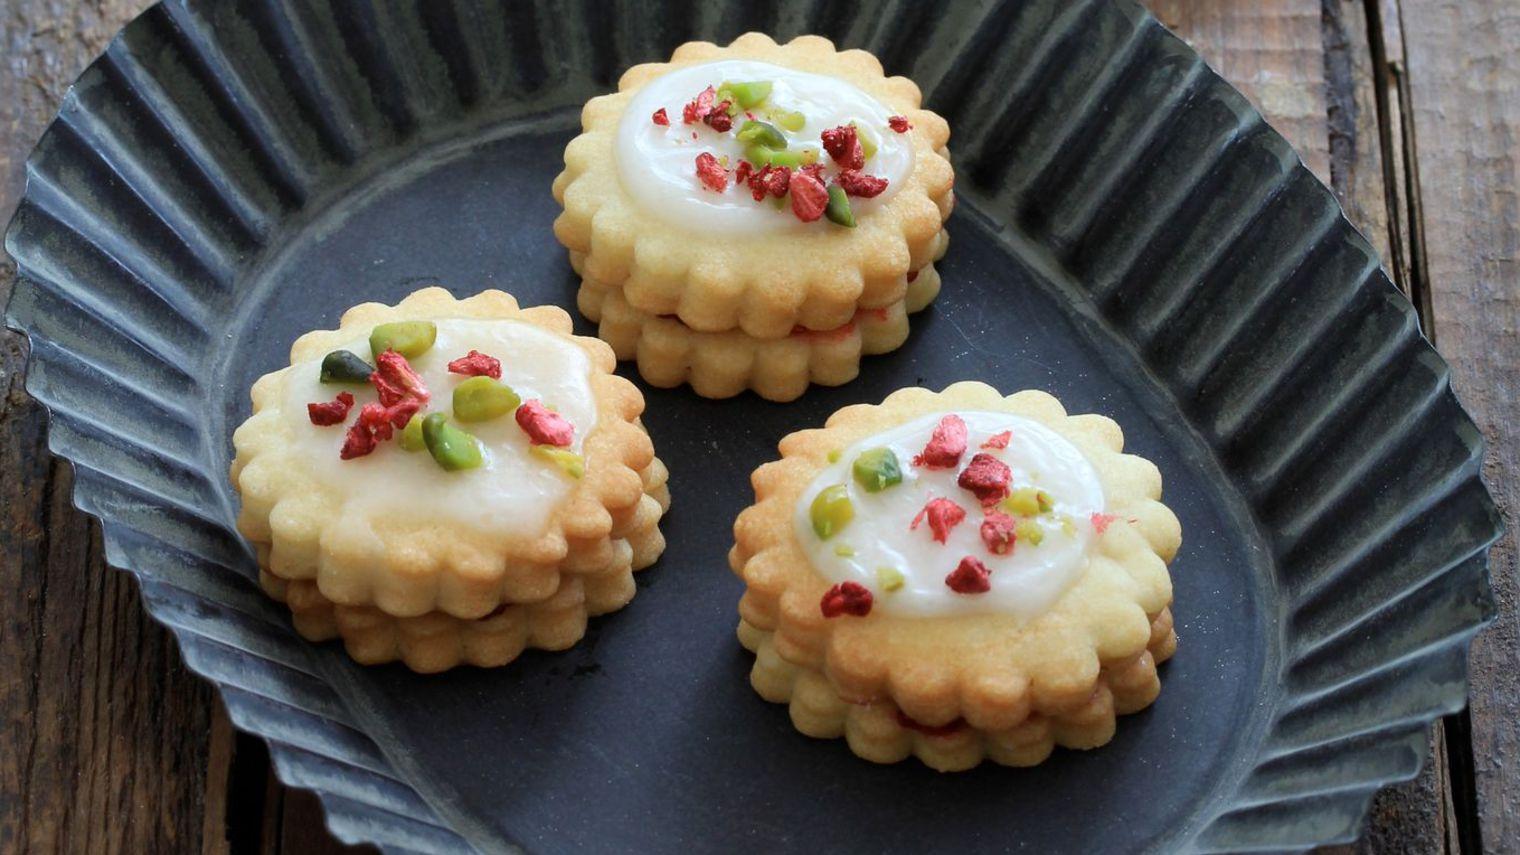 biscuits-a-la-confiture-de-framboises_5456696.jpg